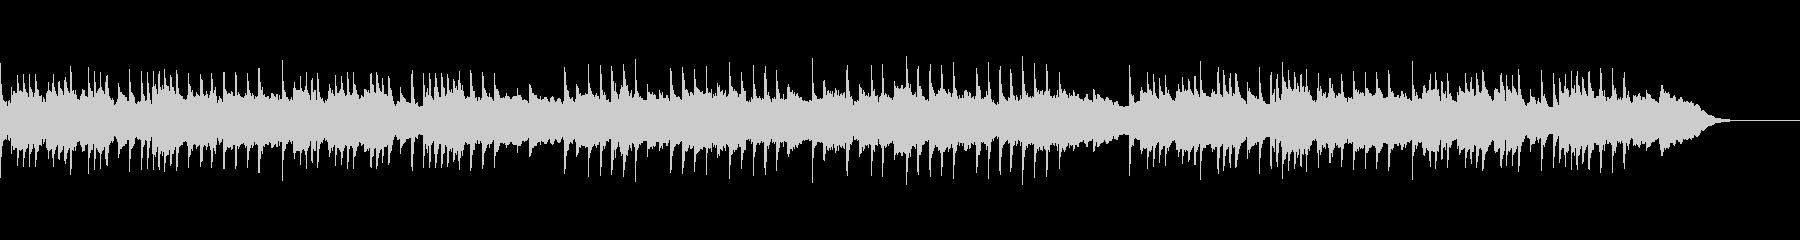 ゴシックホラーなオルゴールBGMの未再生の波形